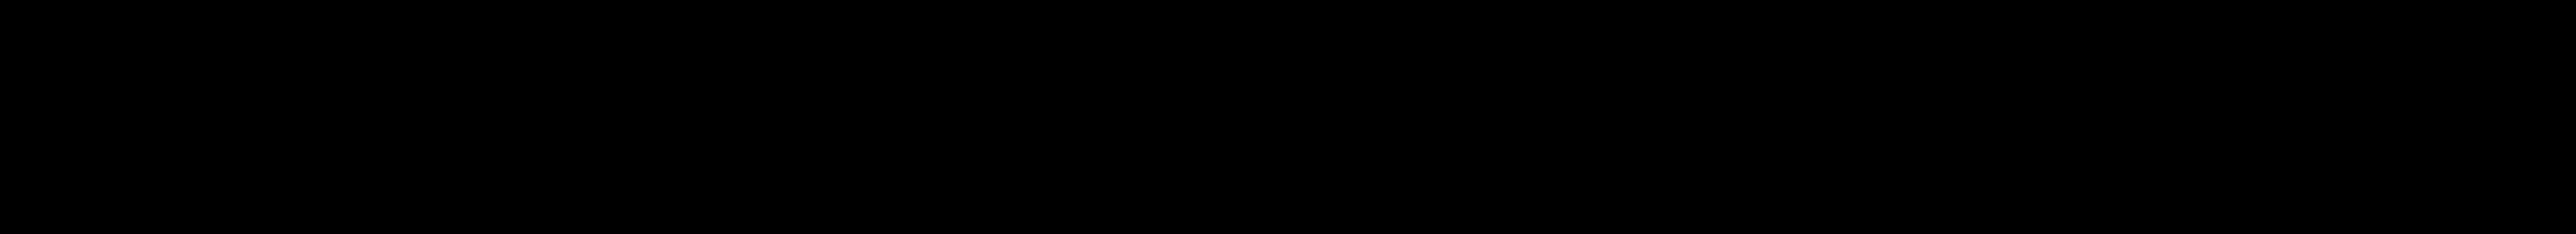 Guanabara Sans Bold Italic